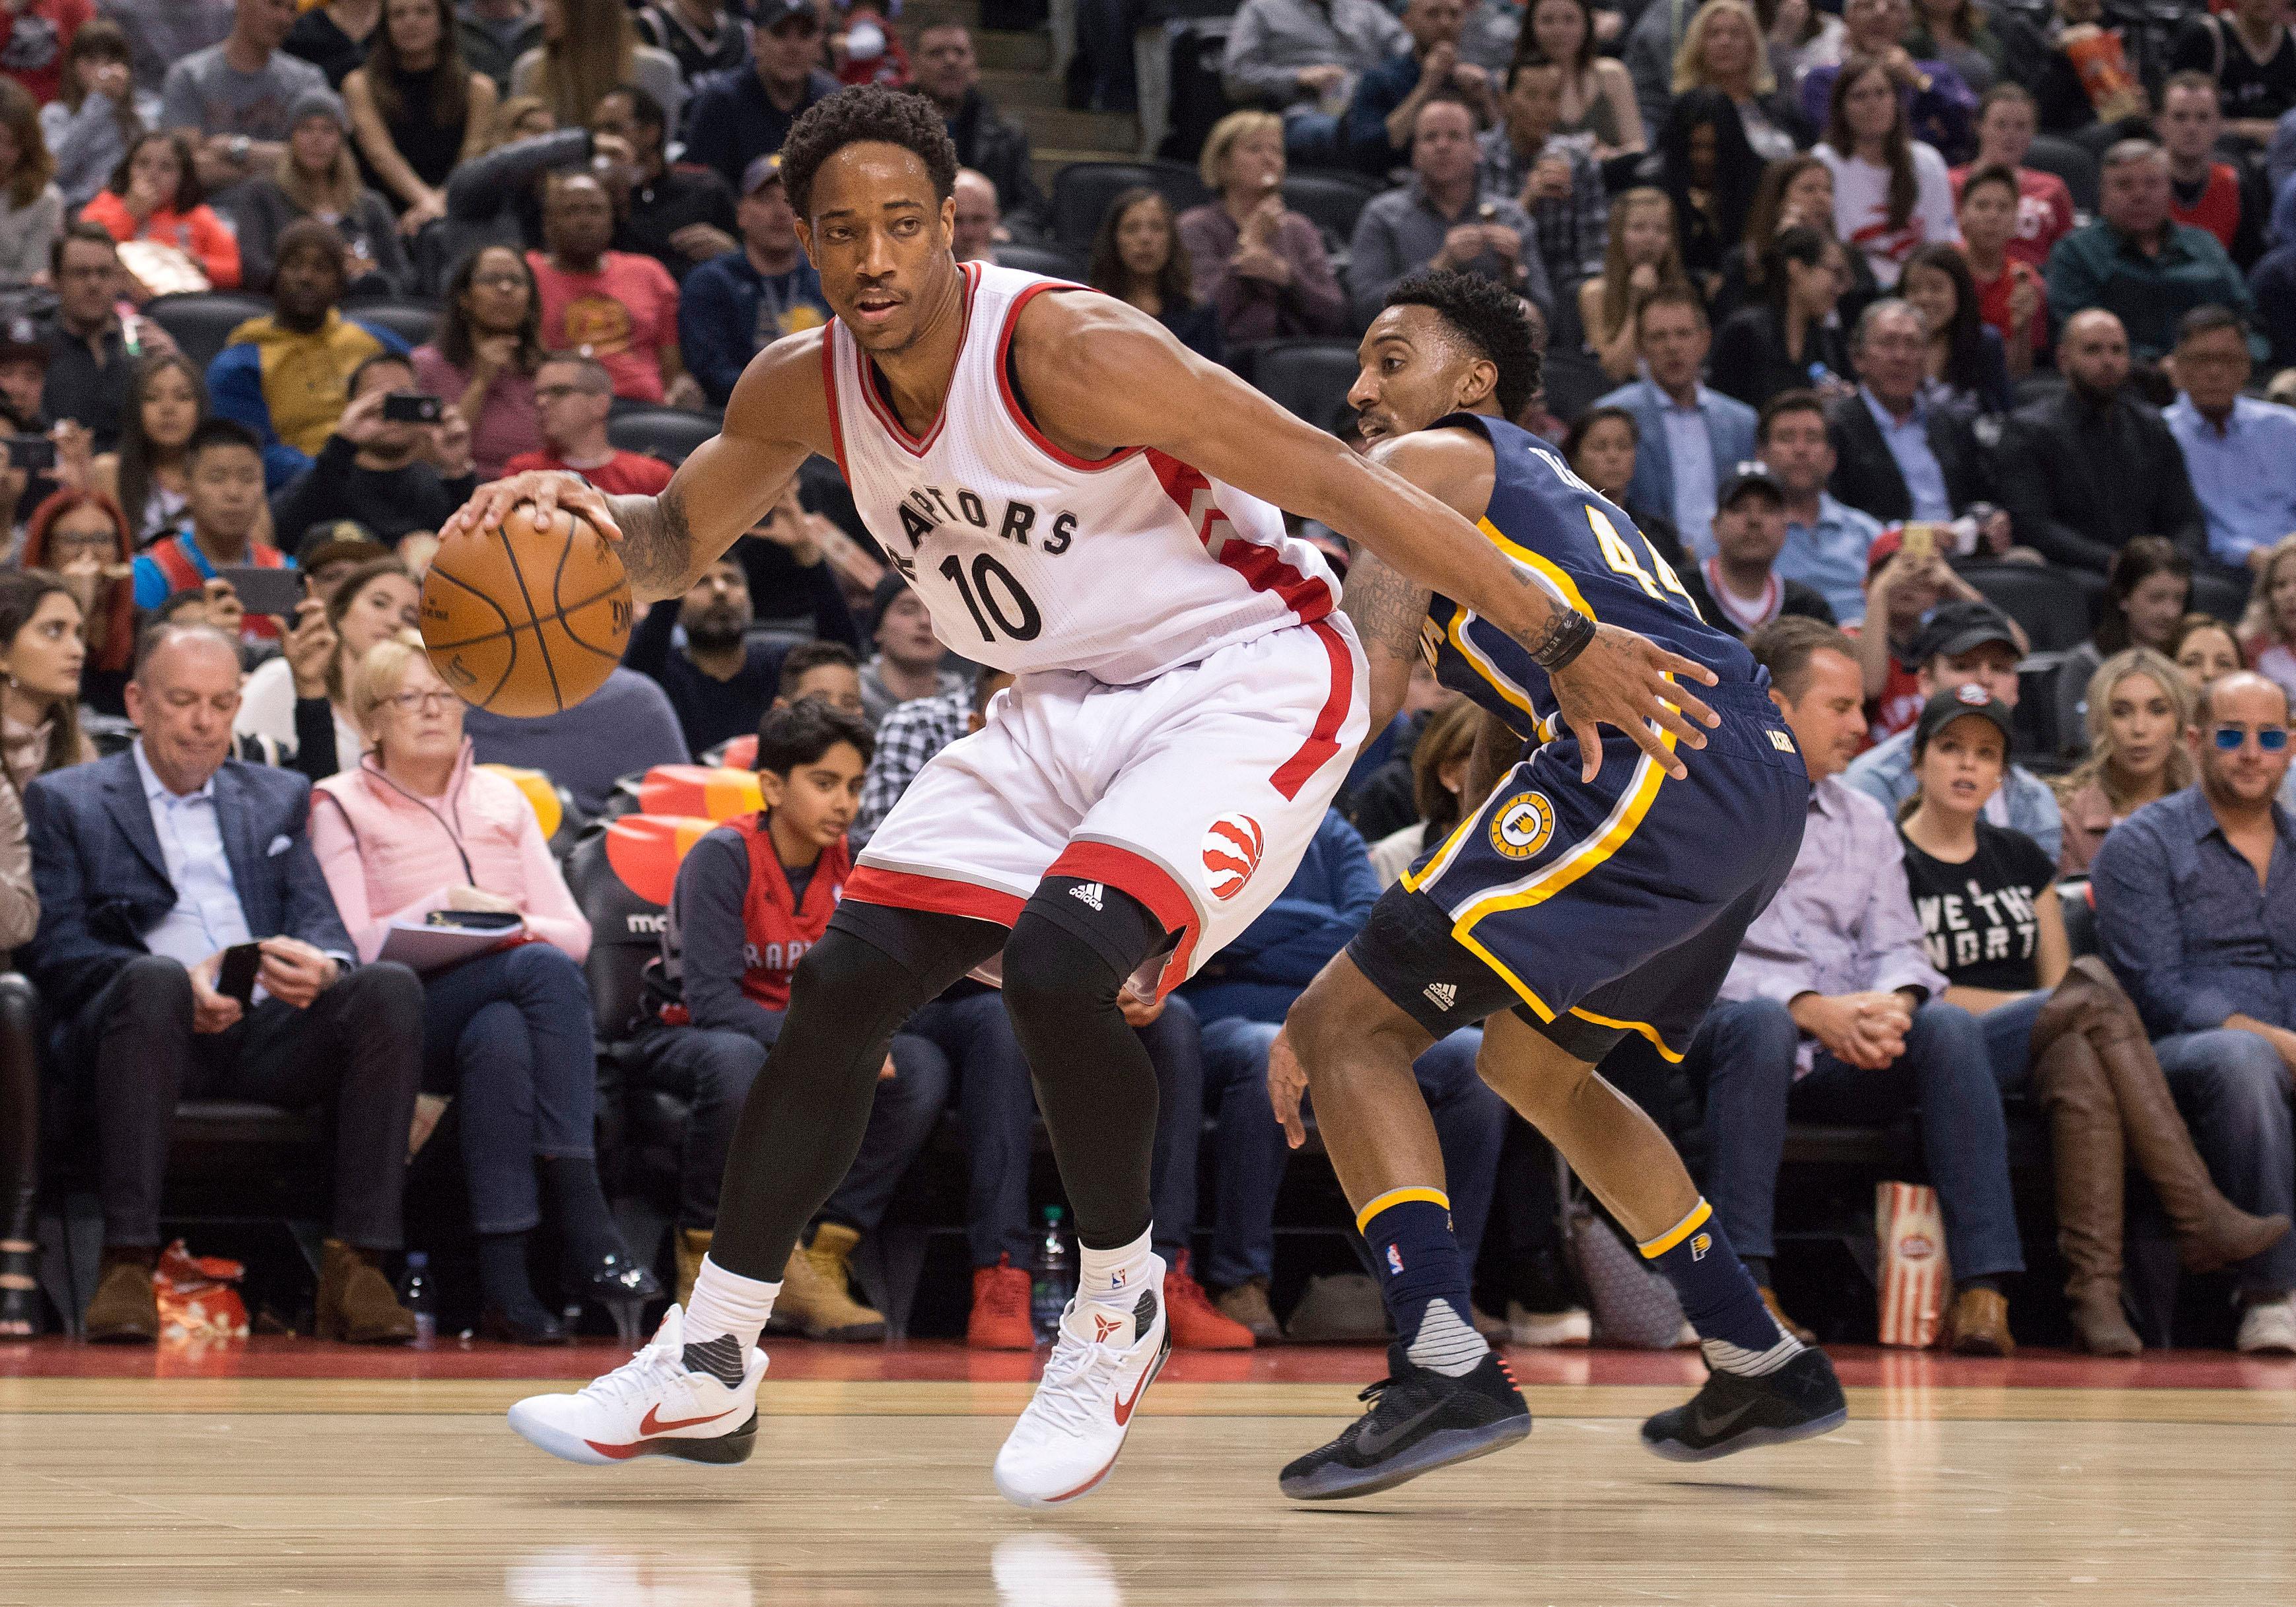 DeMar DeRozan Basketball DeMar DeRozan Raptors NBA Toronto